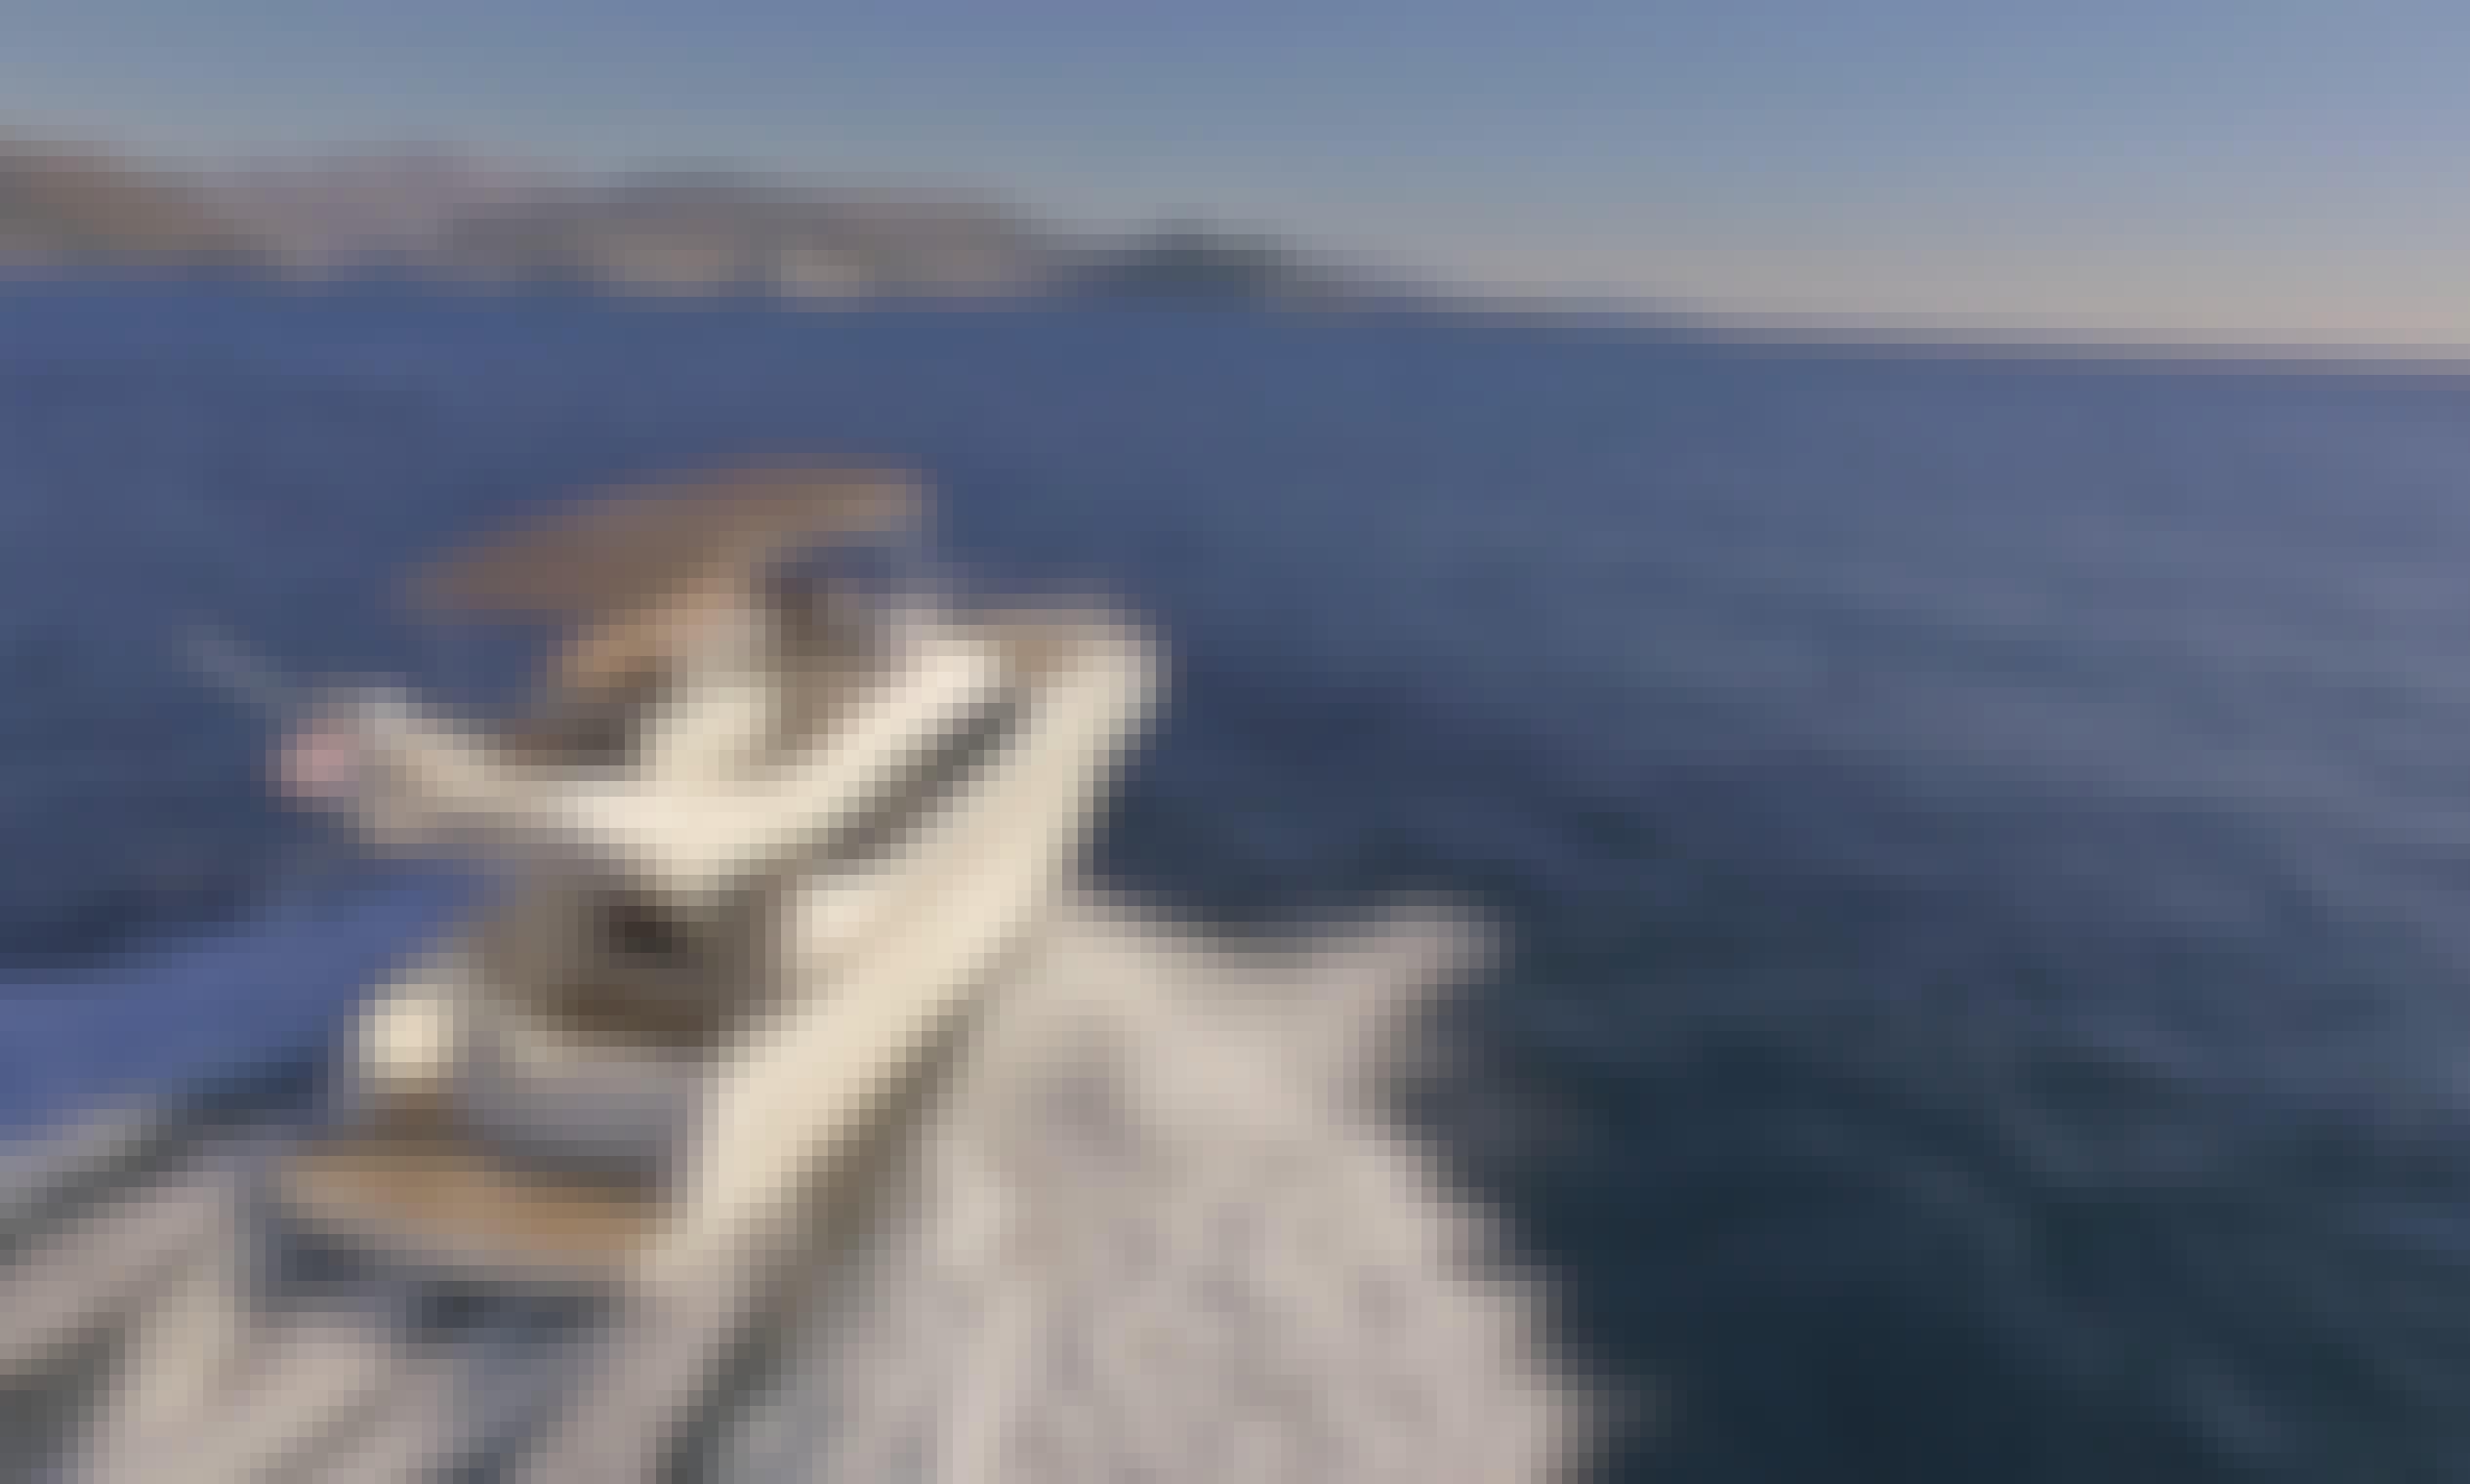 Jeanneau Prestige 400 Fly Luxury Yacht Cruise in Dubrovnik